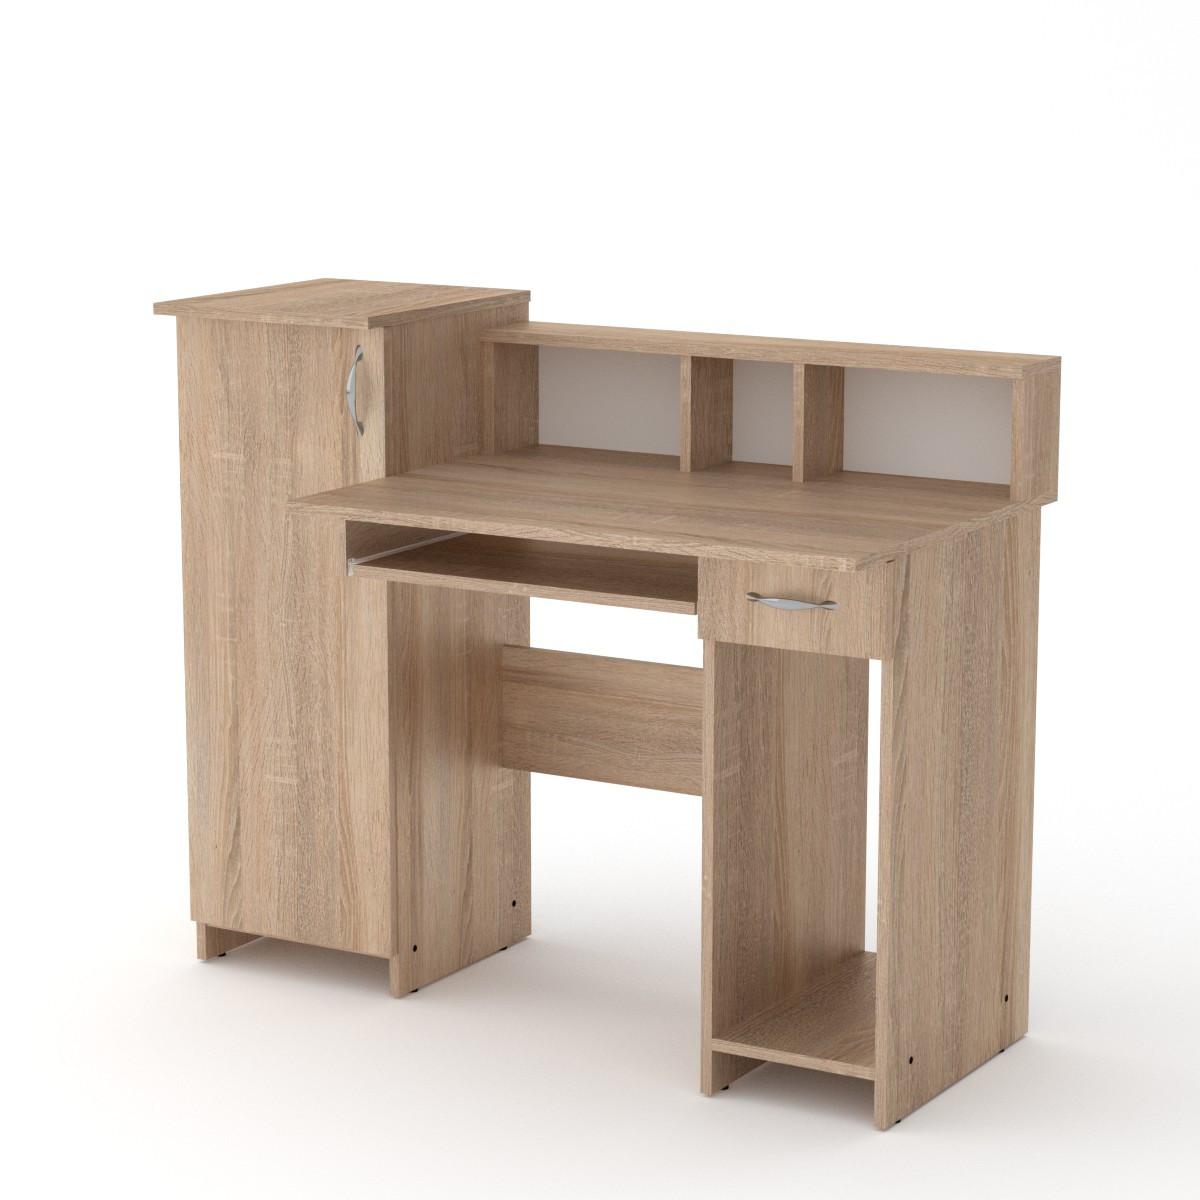 Стол компьютерный пи пи-2 дуб сонома Компанит (118х60х96 см)